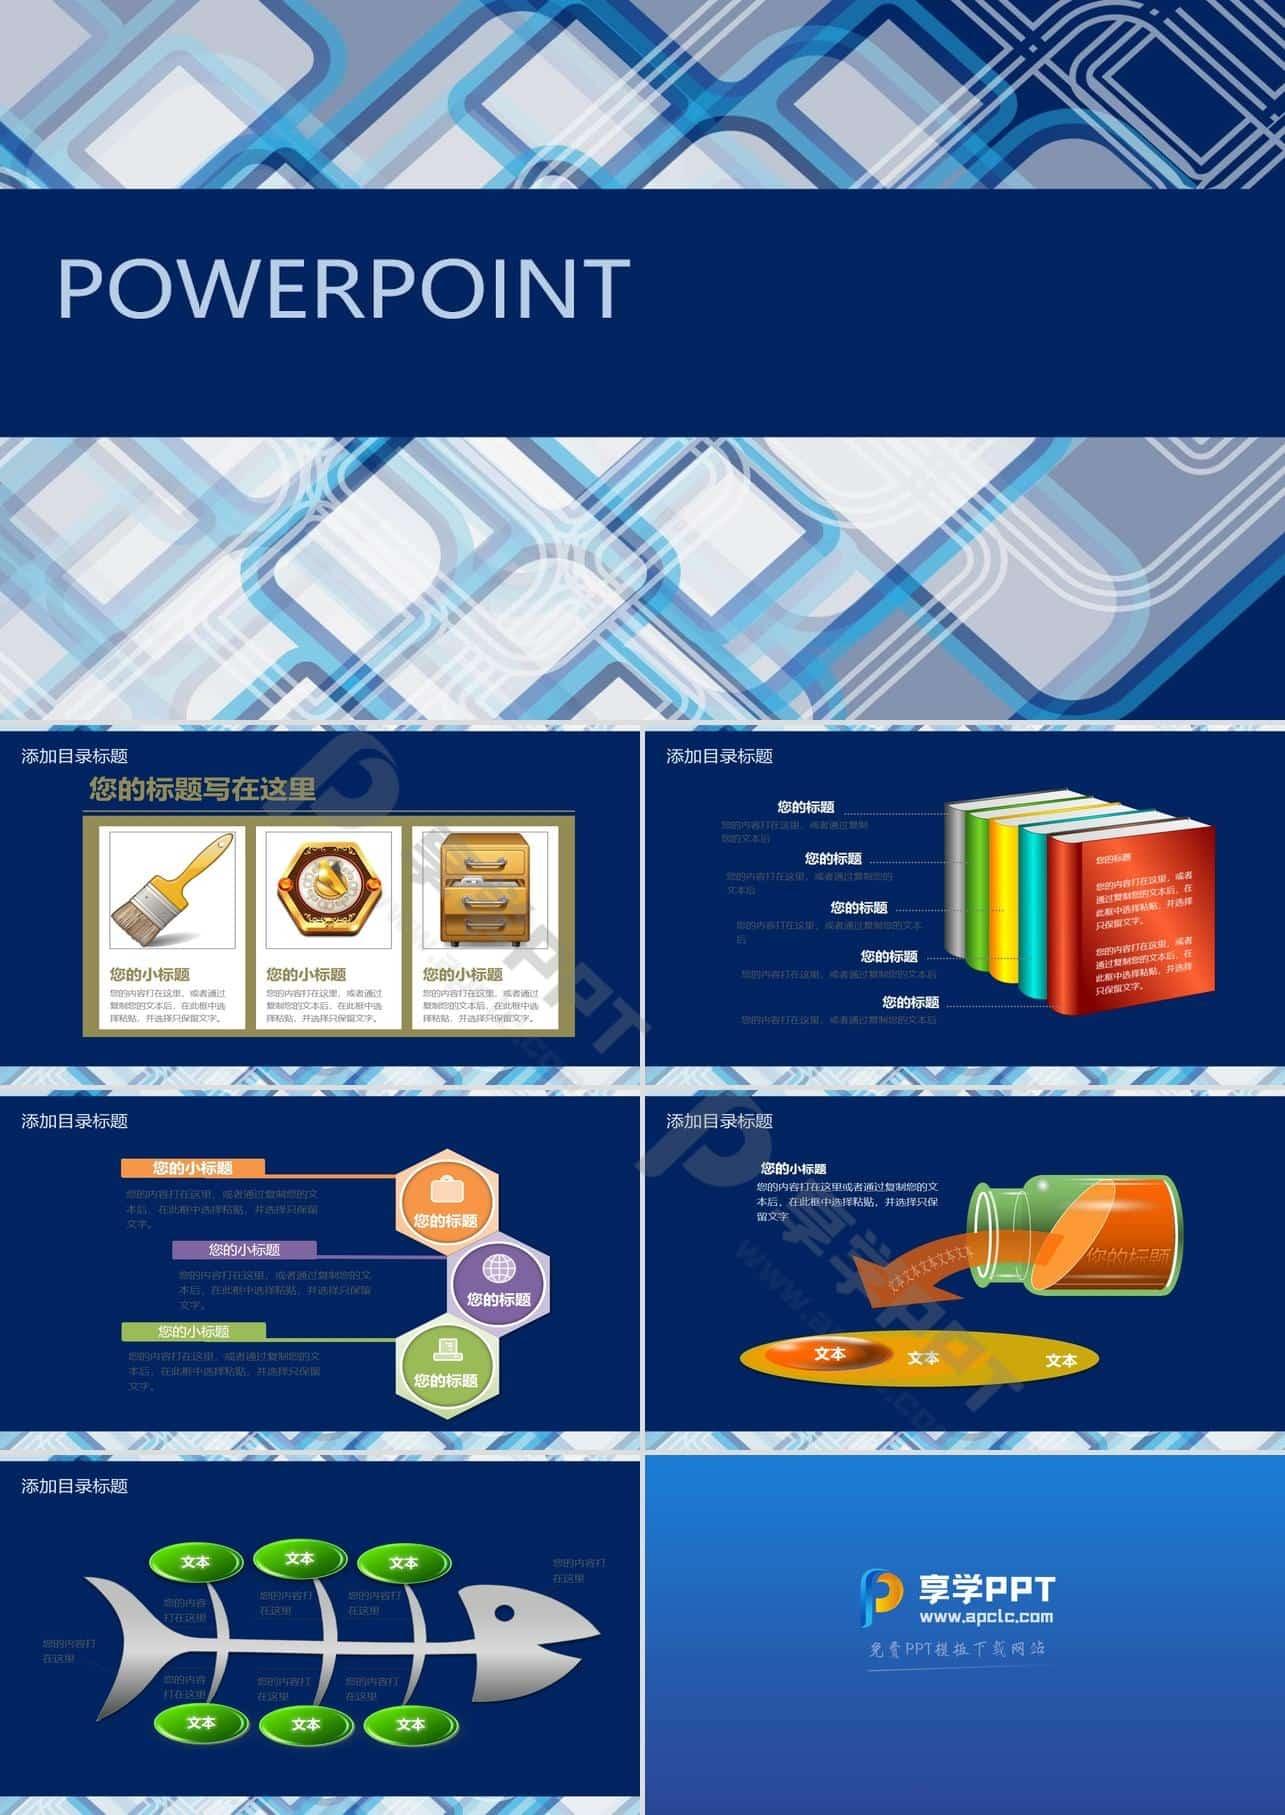 蓝色格子背景的抽象艺术PowerPoint模板长图